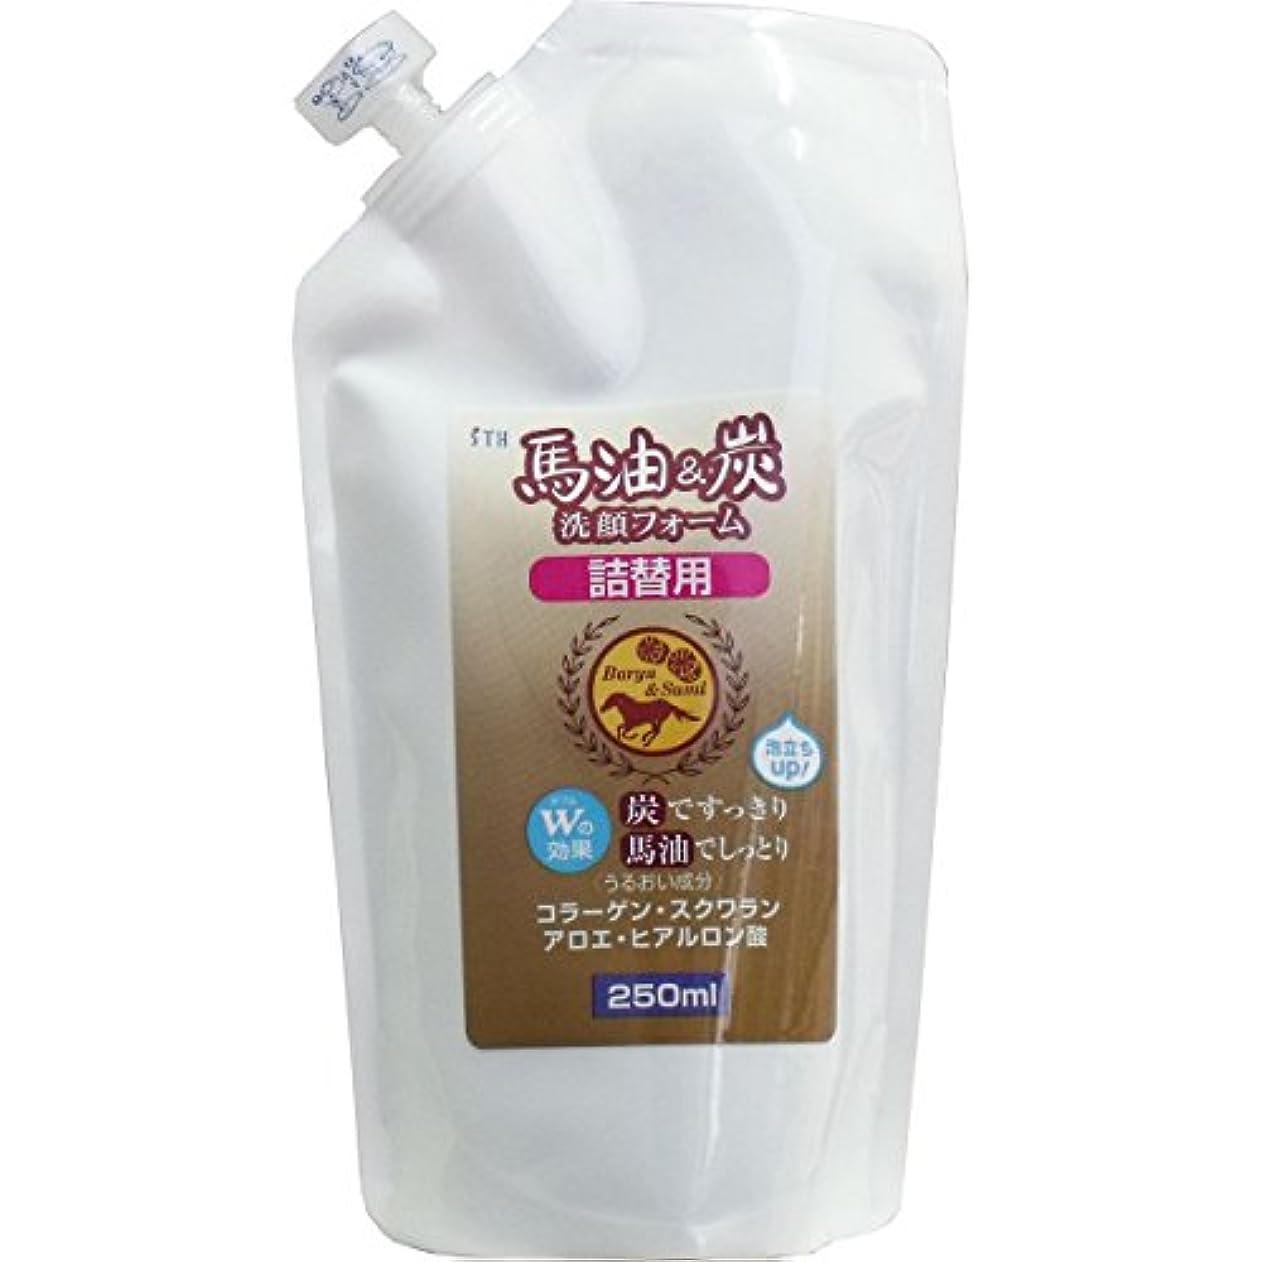 用量管理する関係する馬油&炭洗顔フォーム【詰替用250ml】×2袋